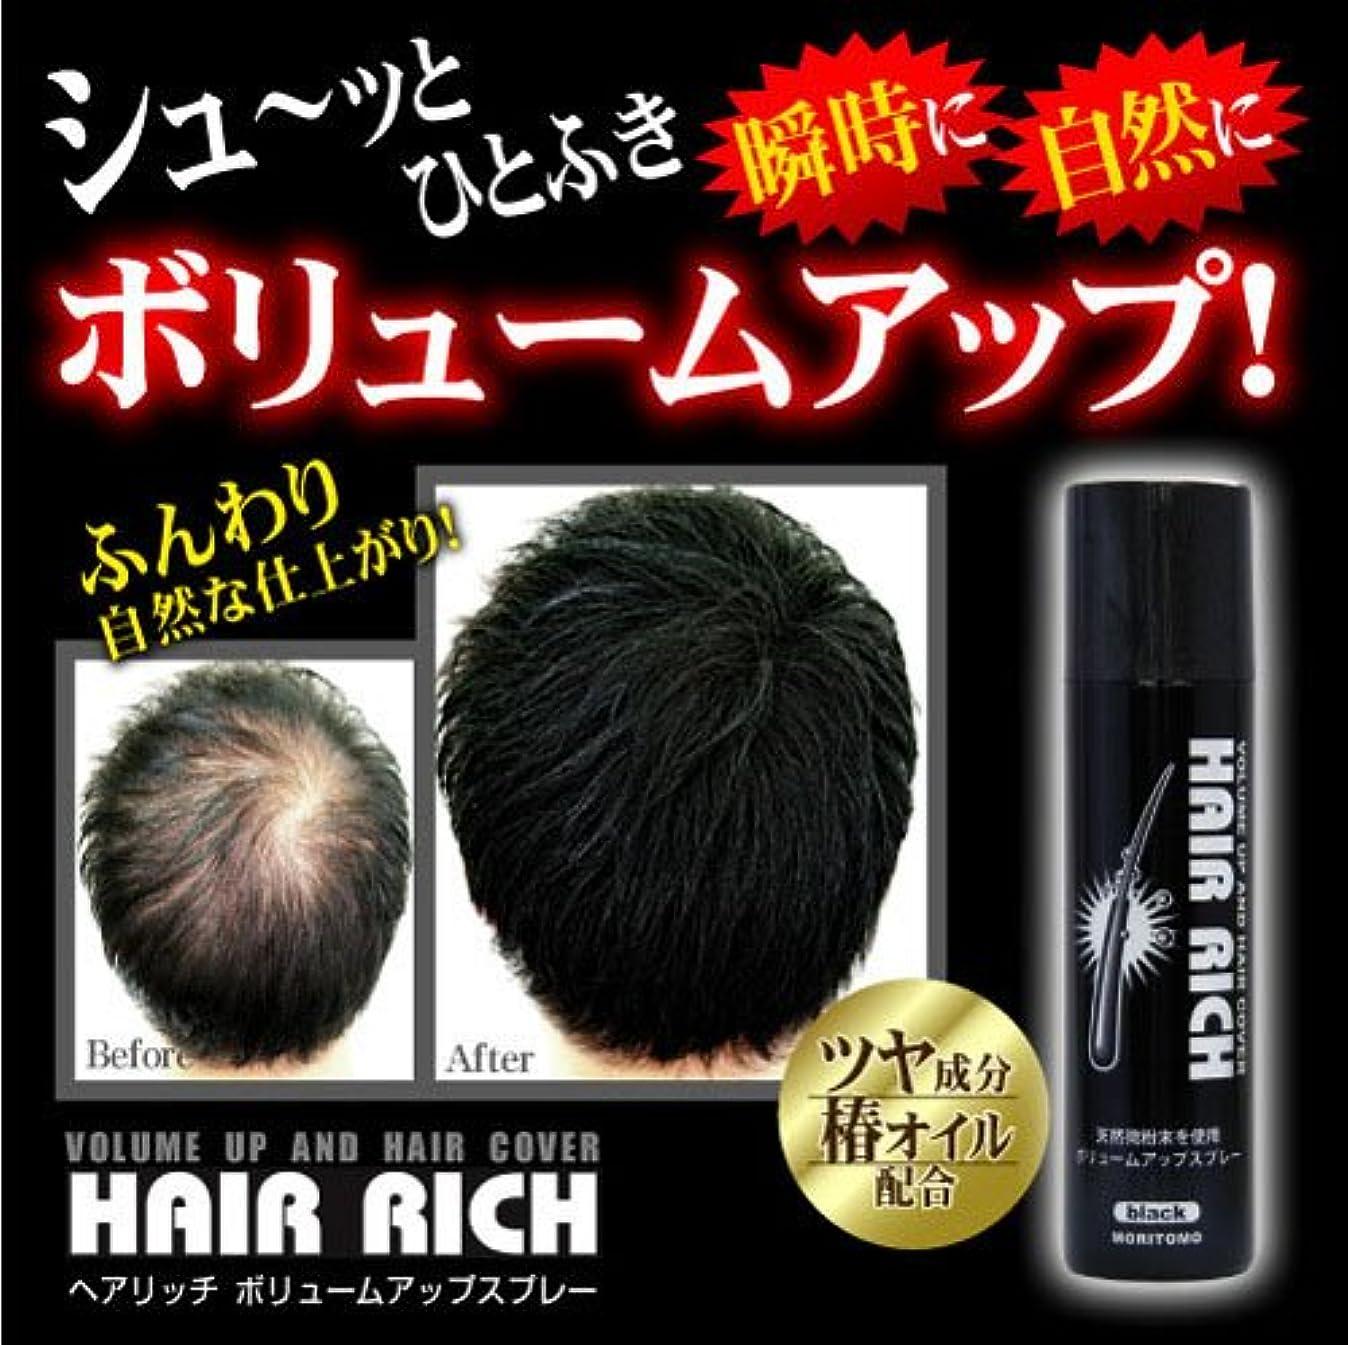 削除するさておき工業化するヘアリッチ ボリュームアップスプレー【HAIR RICH】 育毛剤 発毛剤 増毛剤 増毛 スプレー